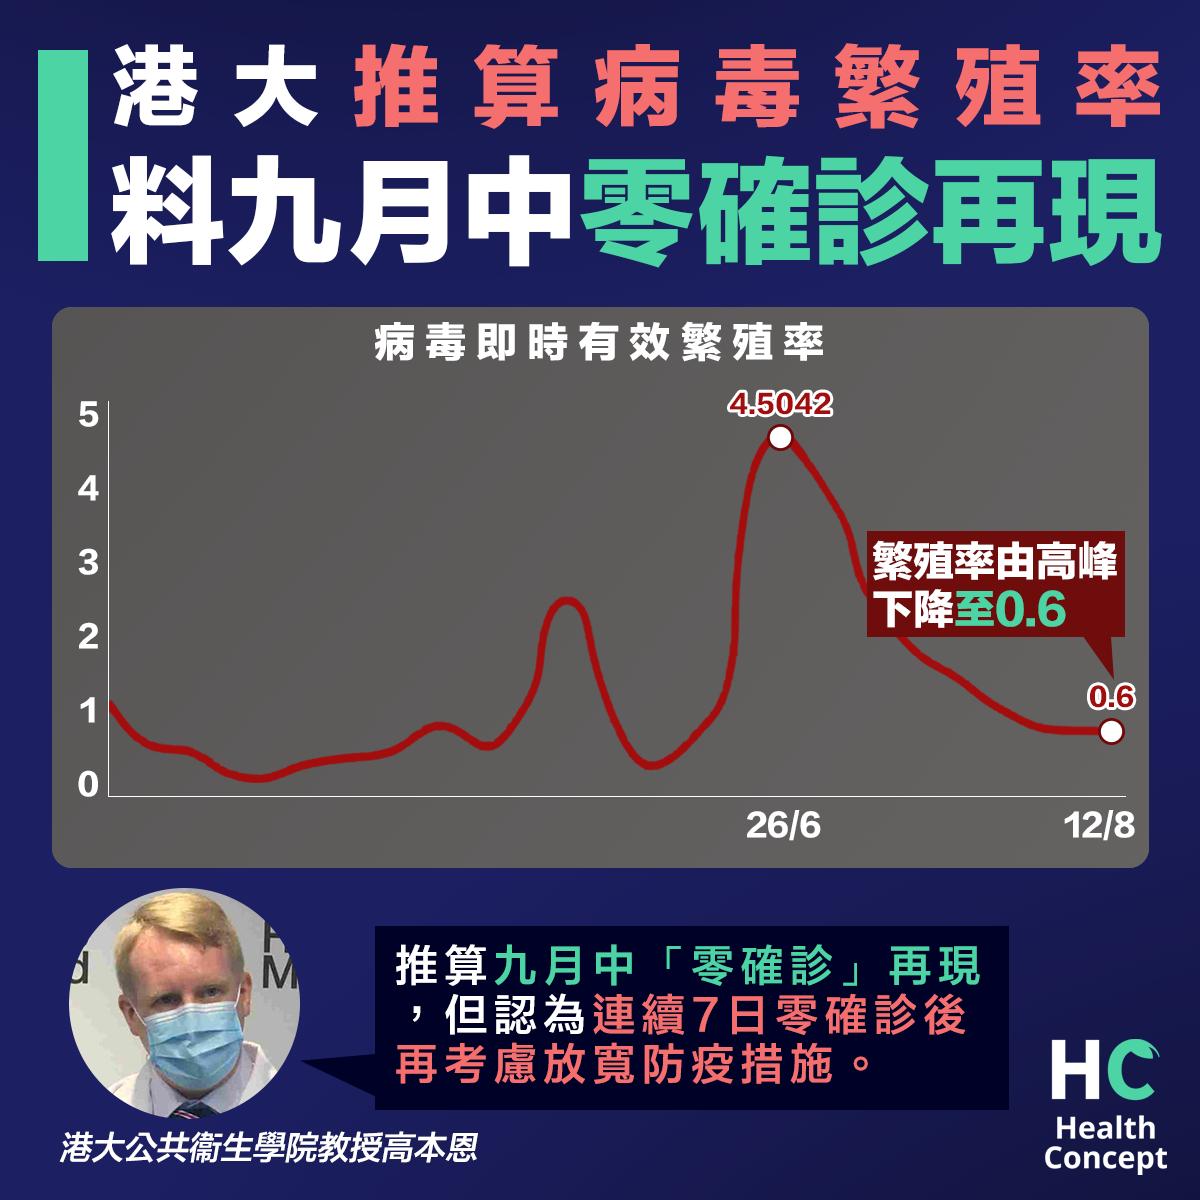 【新型肺炎】港大推算病毒繁殖率 九月中零確診將再現